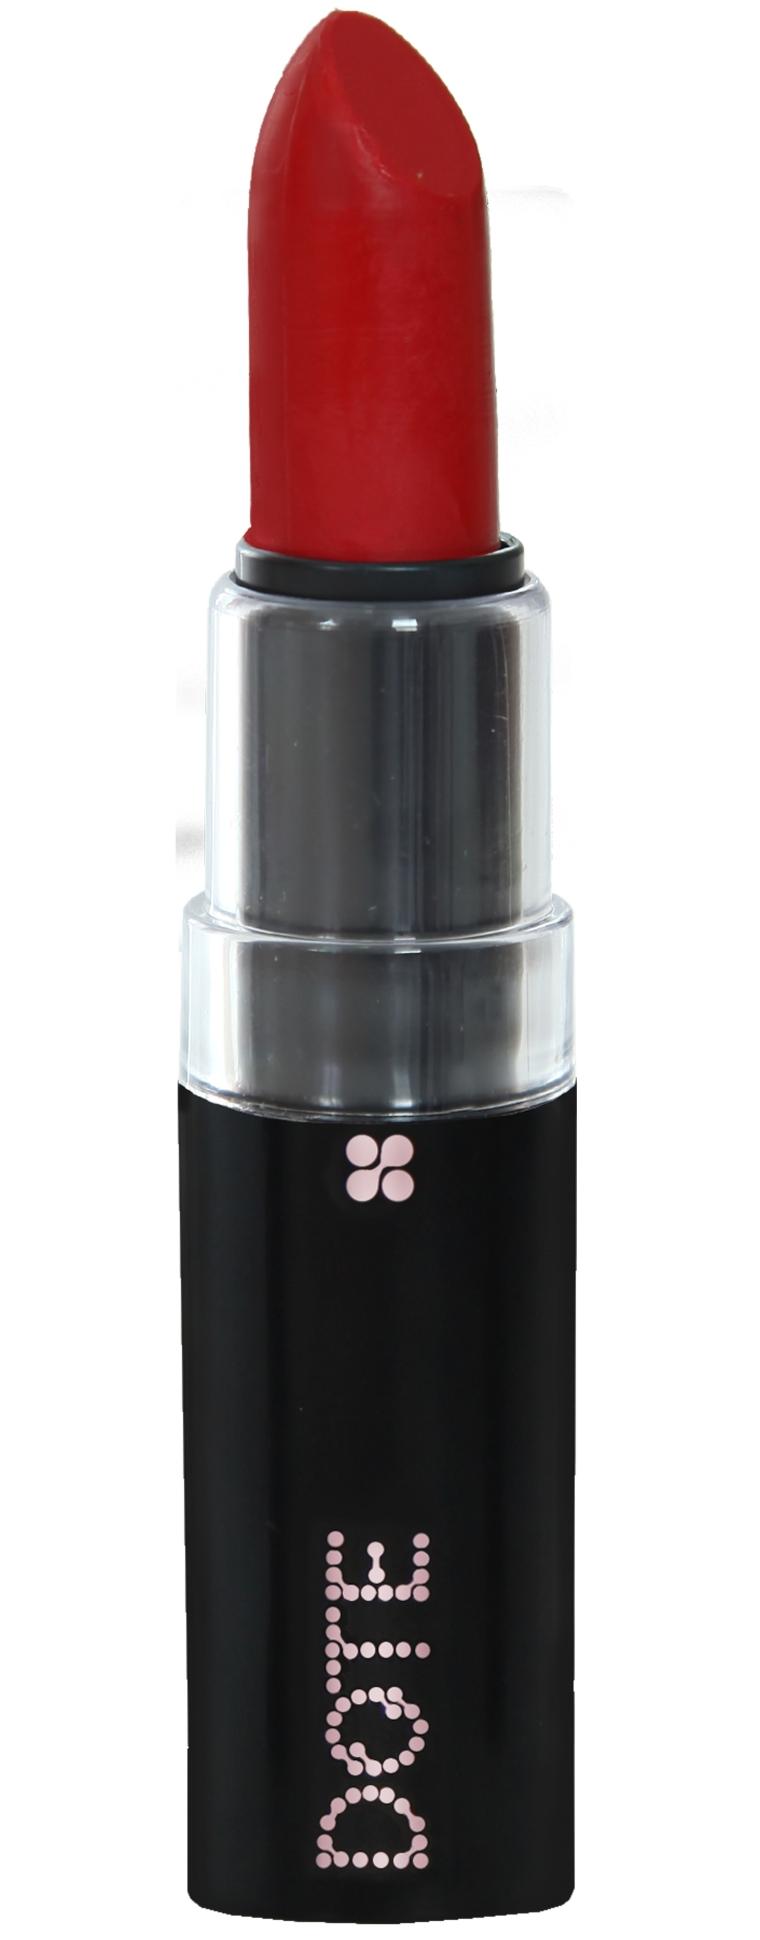 Batom Cremoso Cor 202 - Vermelho Dote Make Up